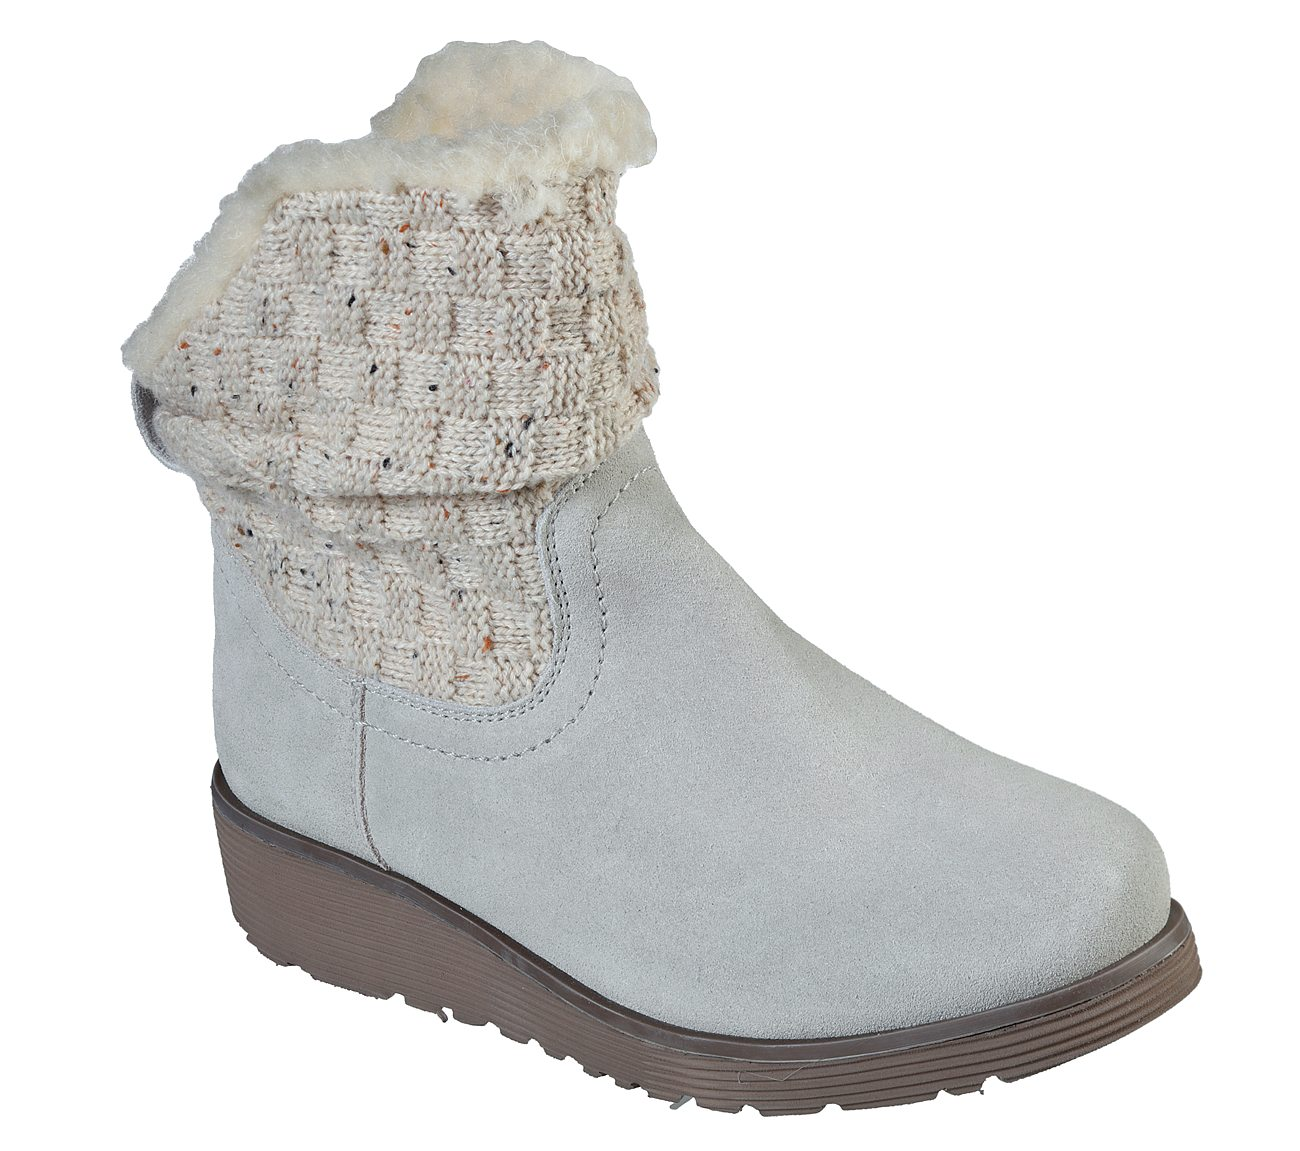 Skechers斯凯奇女鞋加绒保暖防滑短靴时尚百搭翻毛皮雪地靴44312